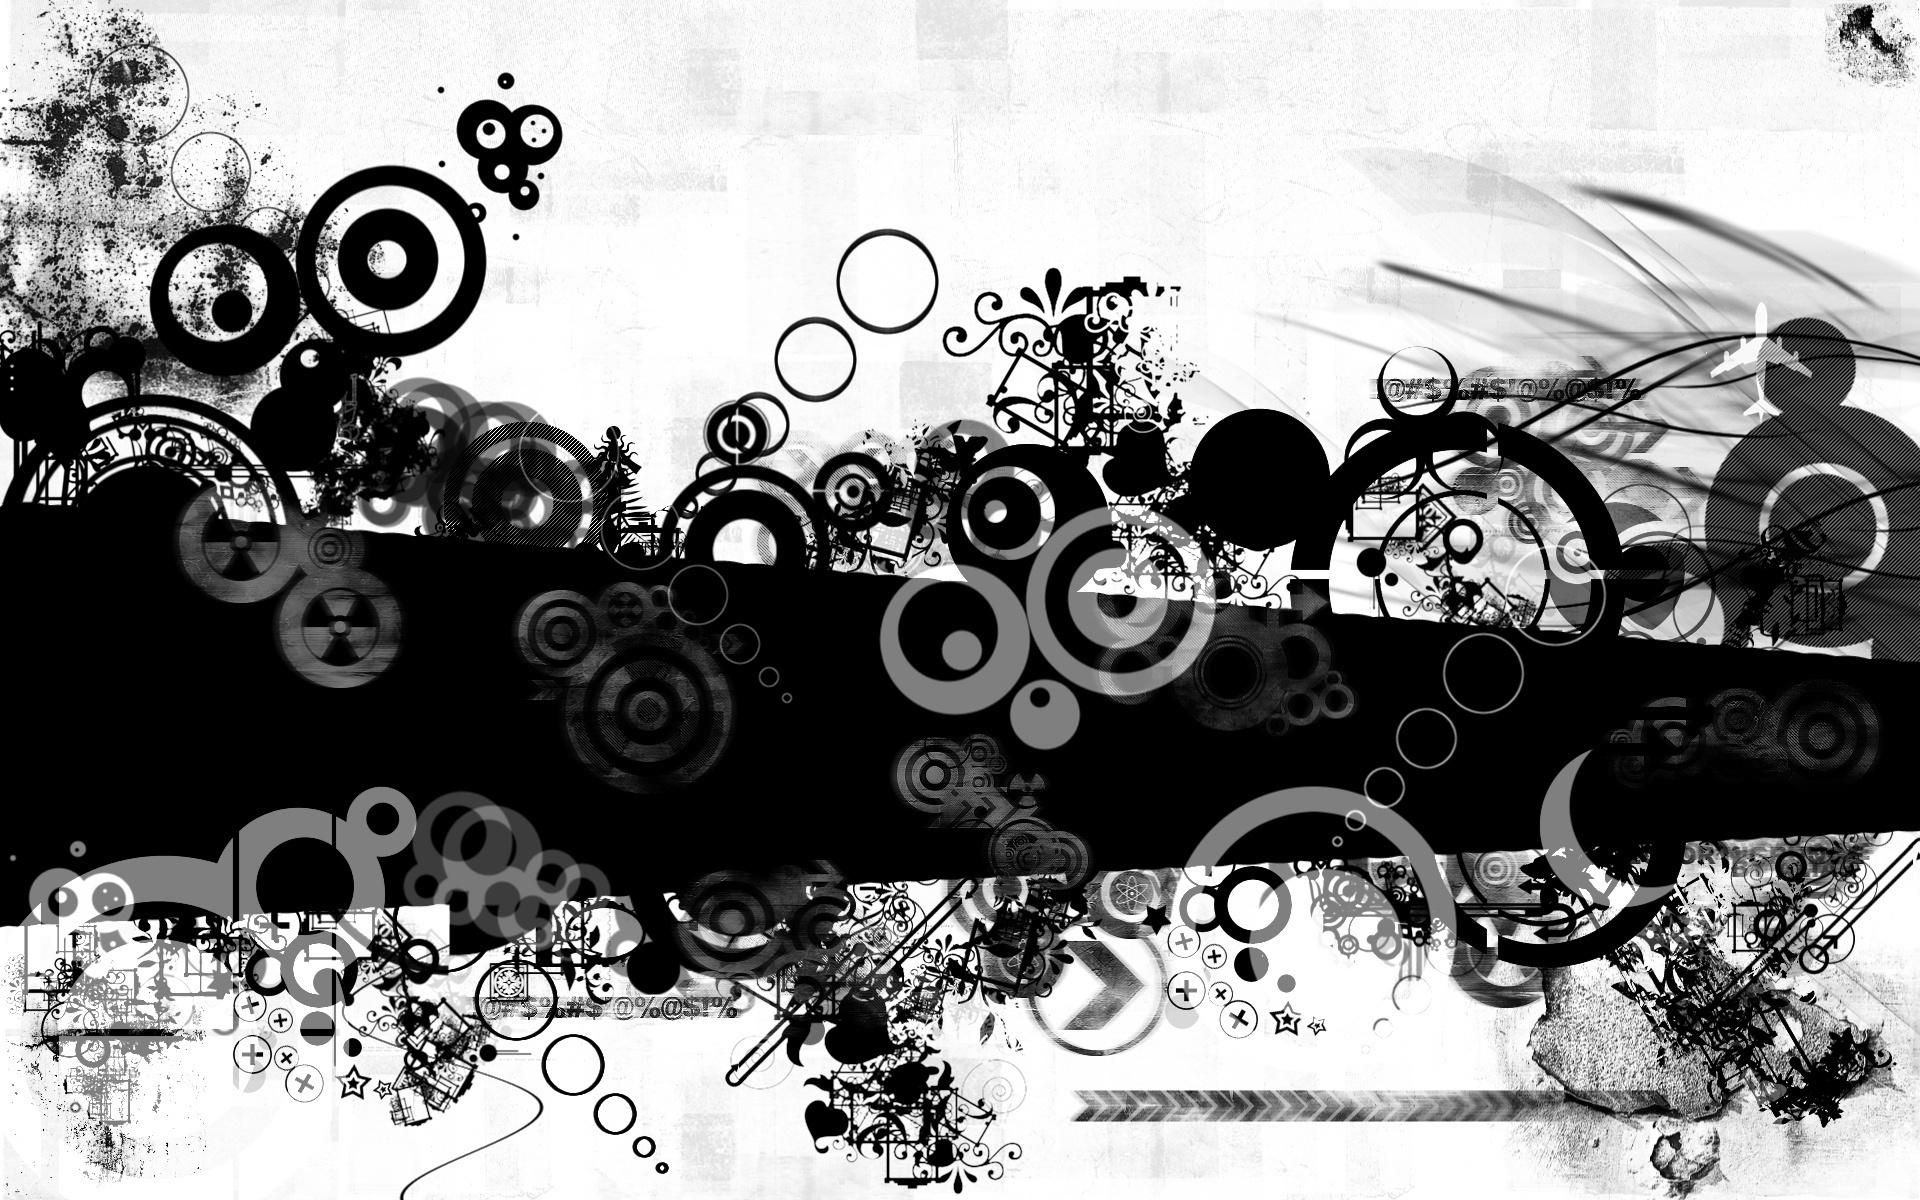 Кольца узор разрешение картинки 1920x1200